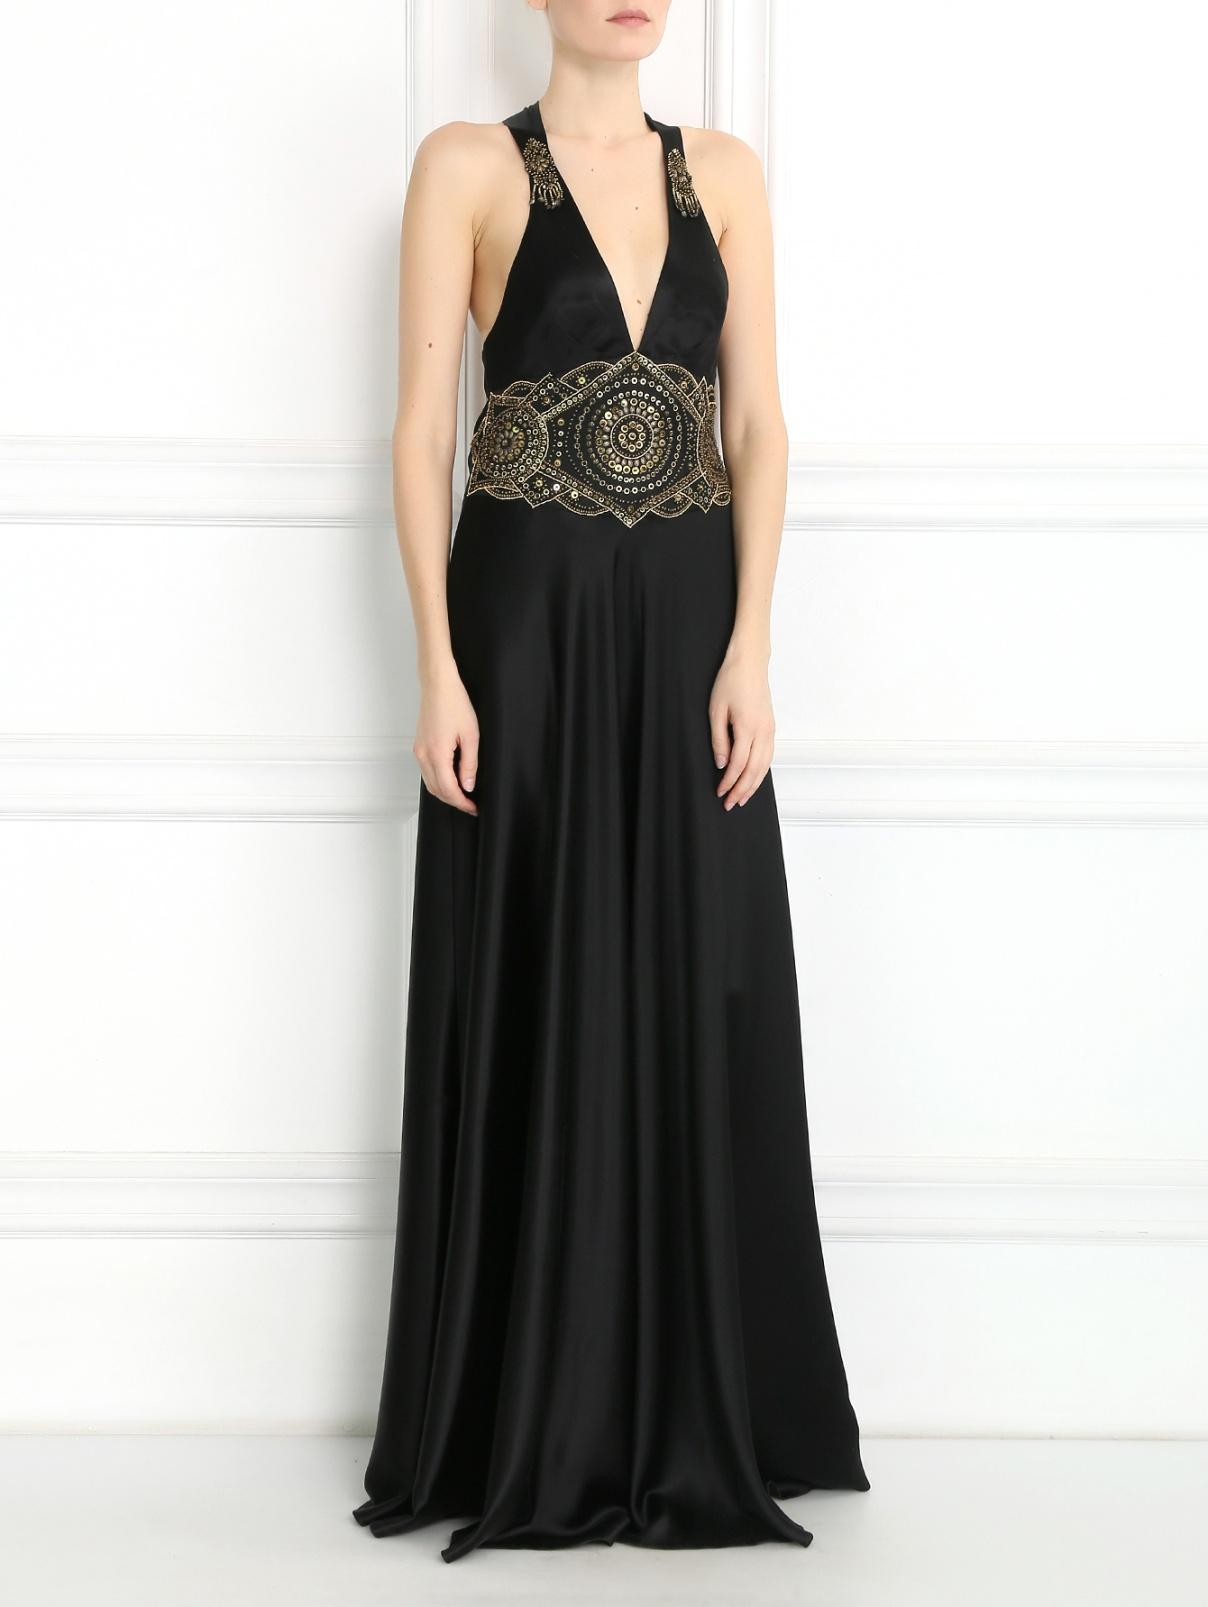 Платье из шелка декорированное бисером Jenny Packham  –  Модель Общий вид